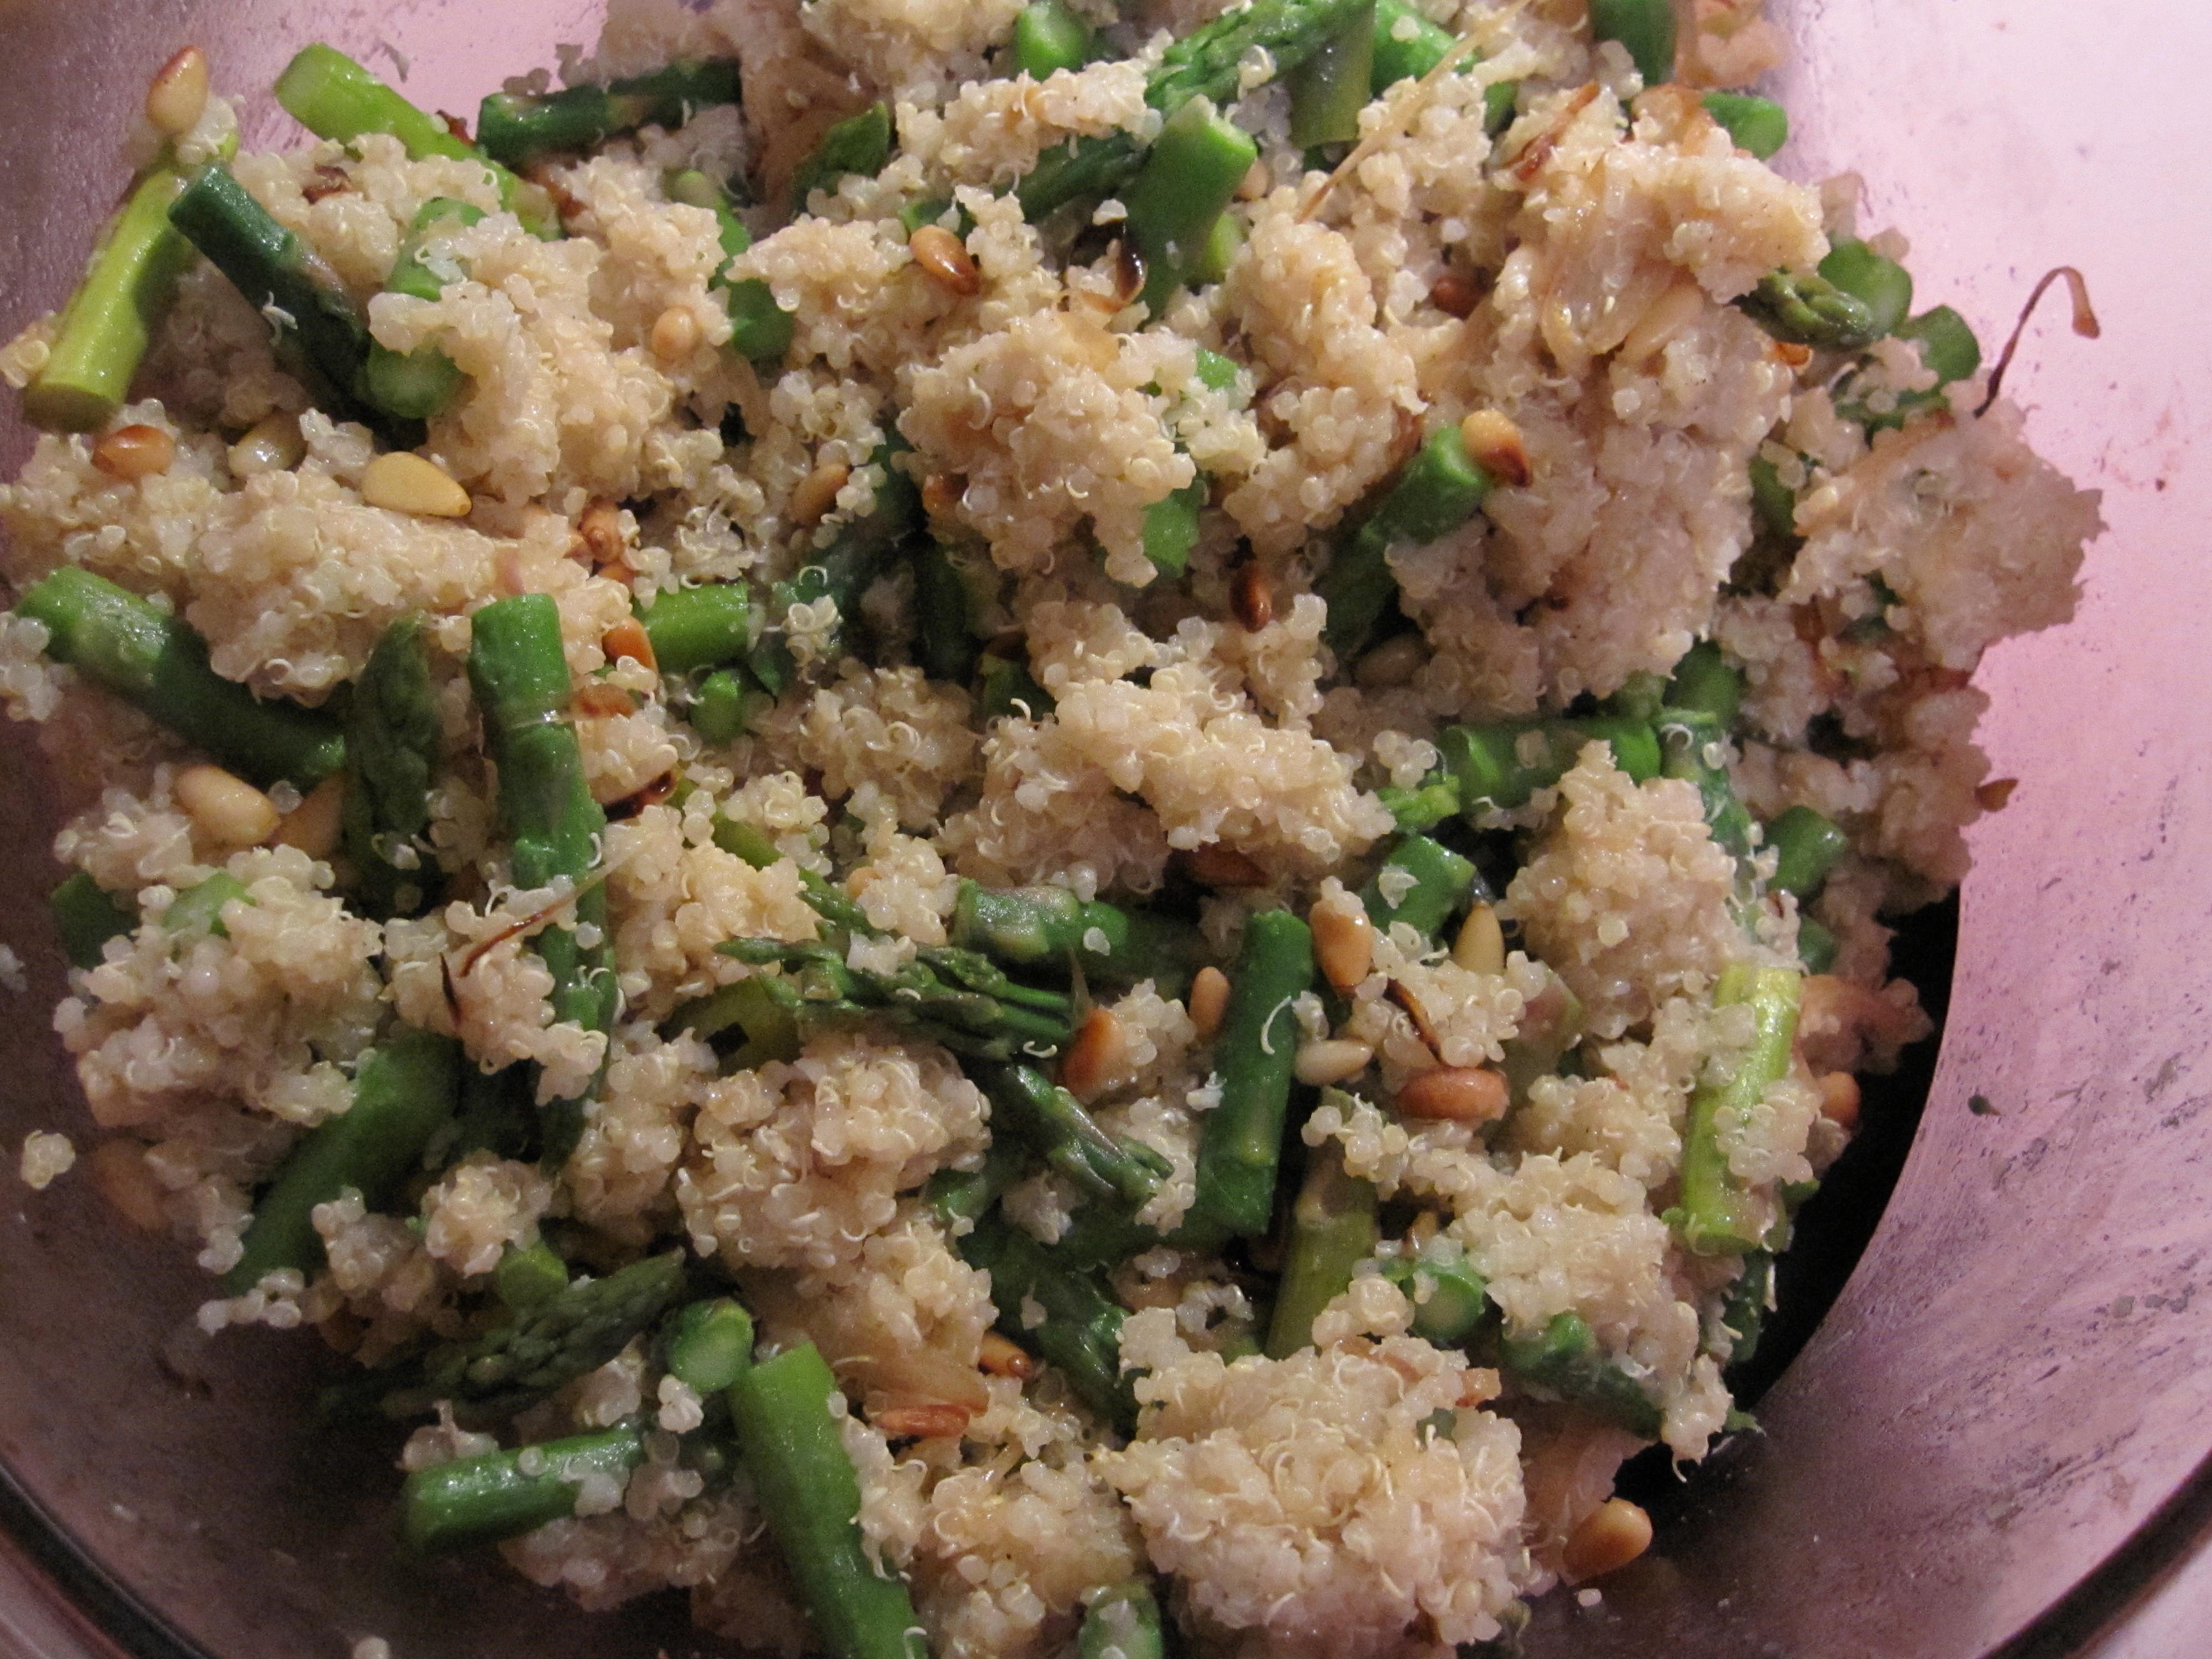 ... asparagus season! I saw this recipe for Tabasco and Asparagus Quinoa